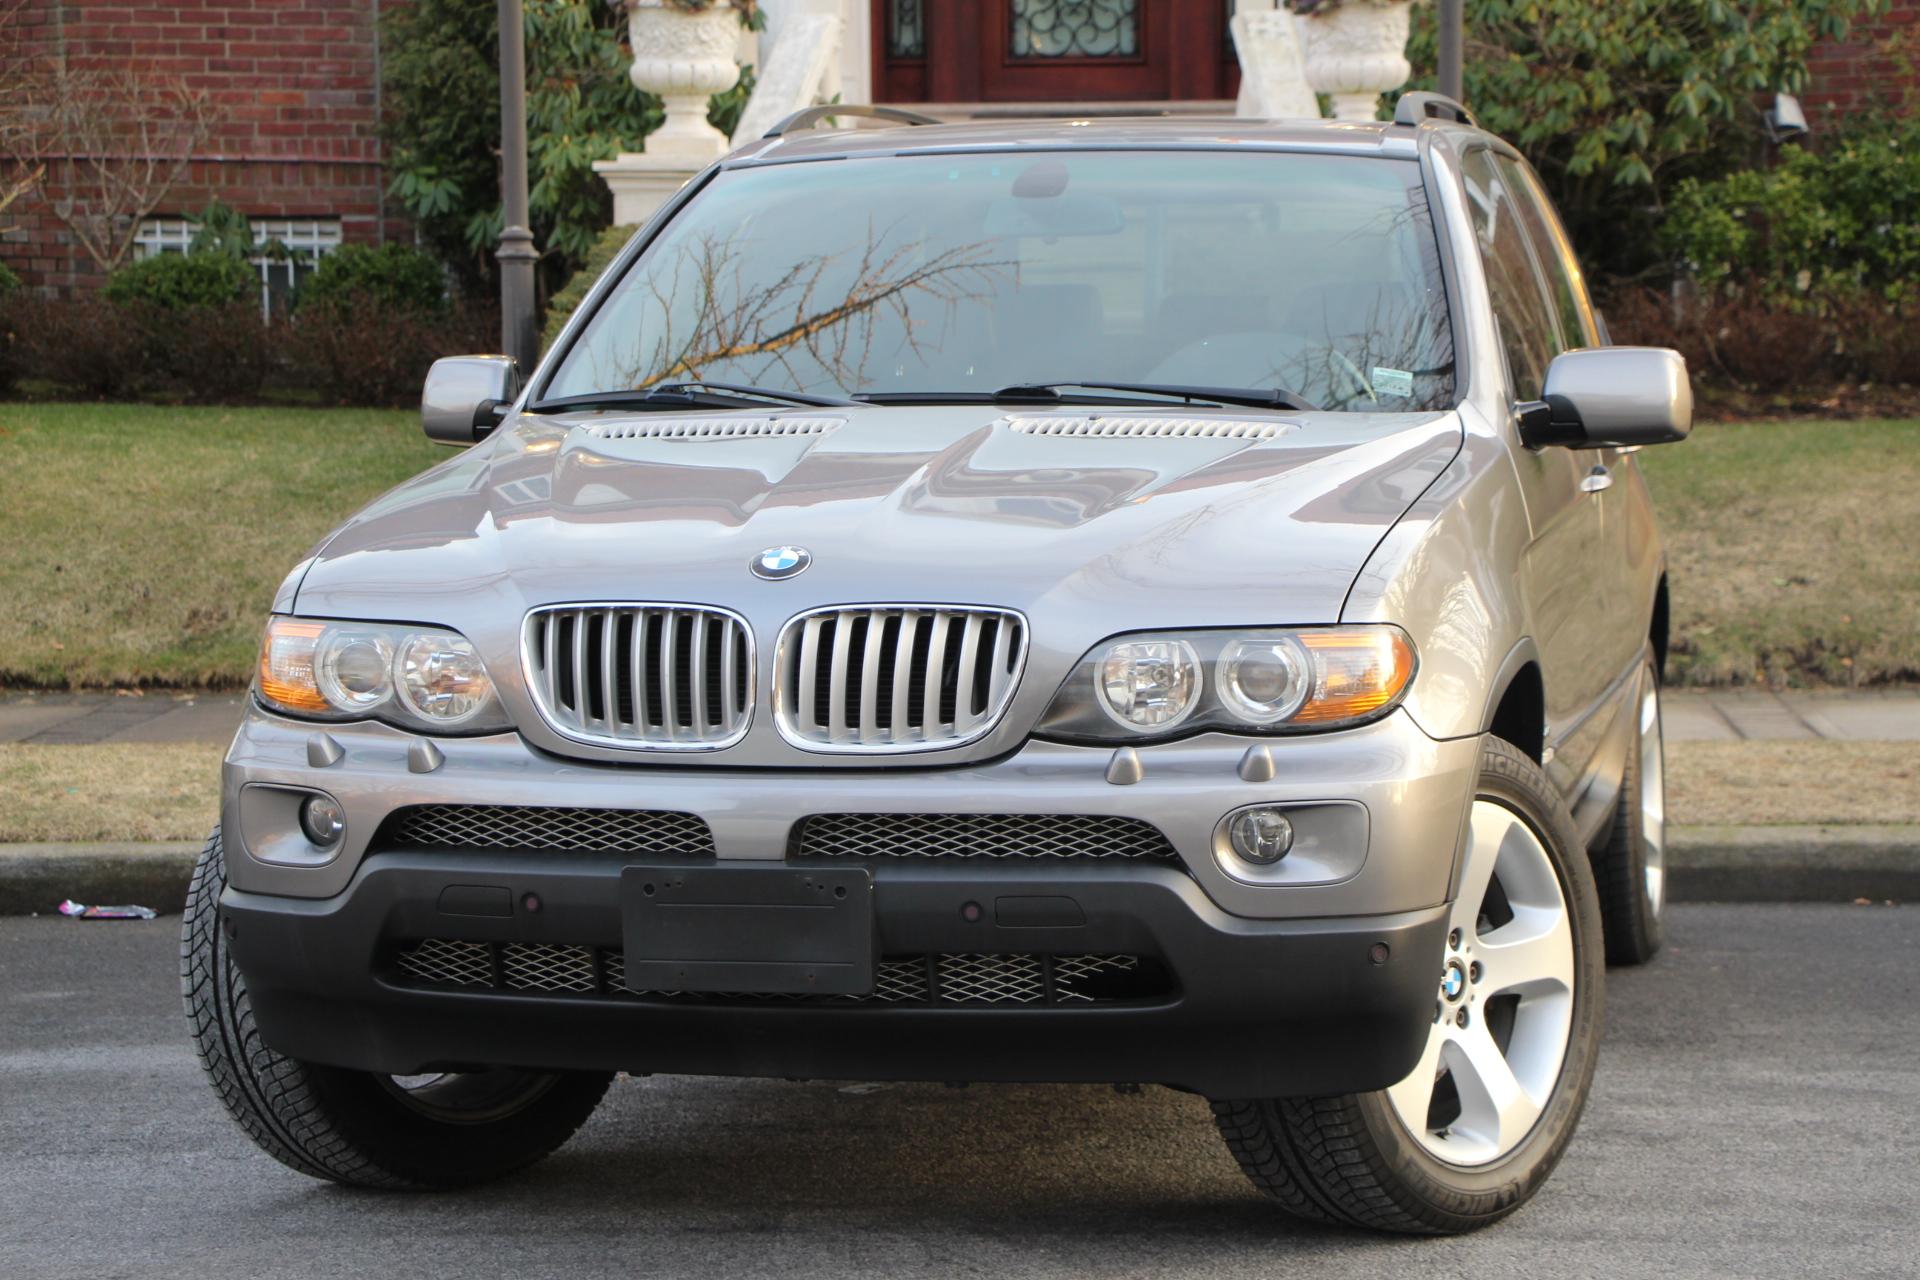 2006 Bmw X5 4 4i Sport Premium